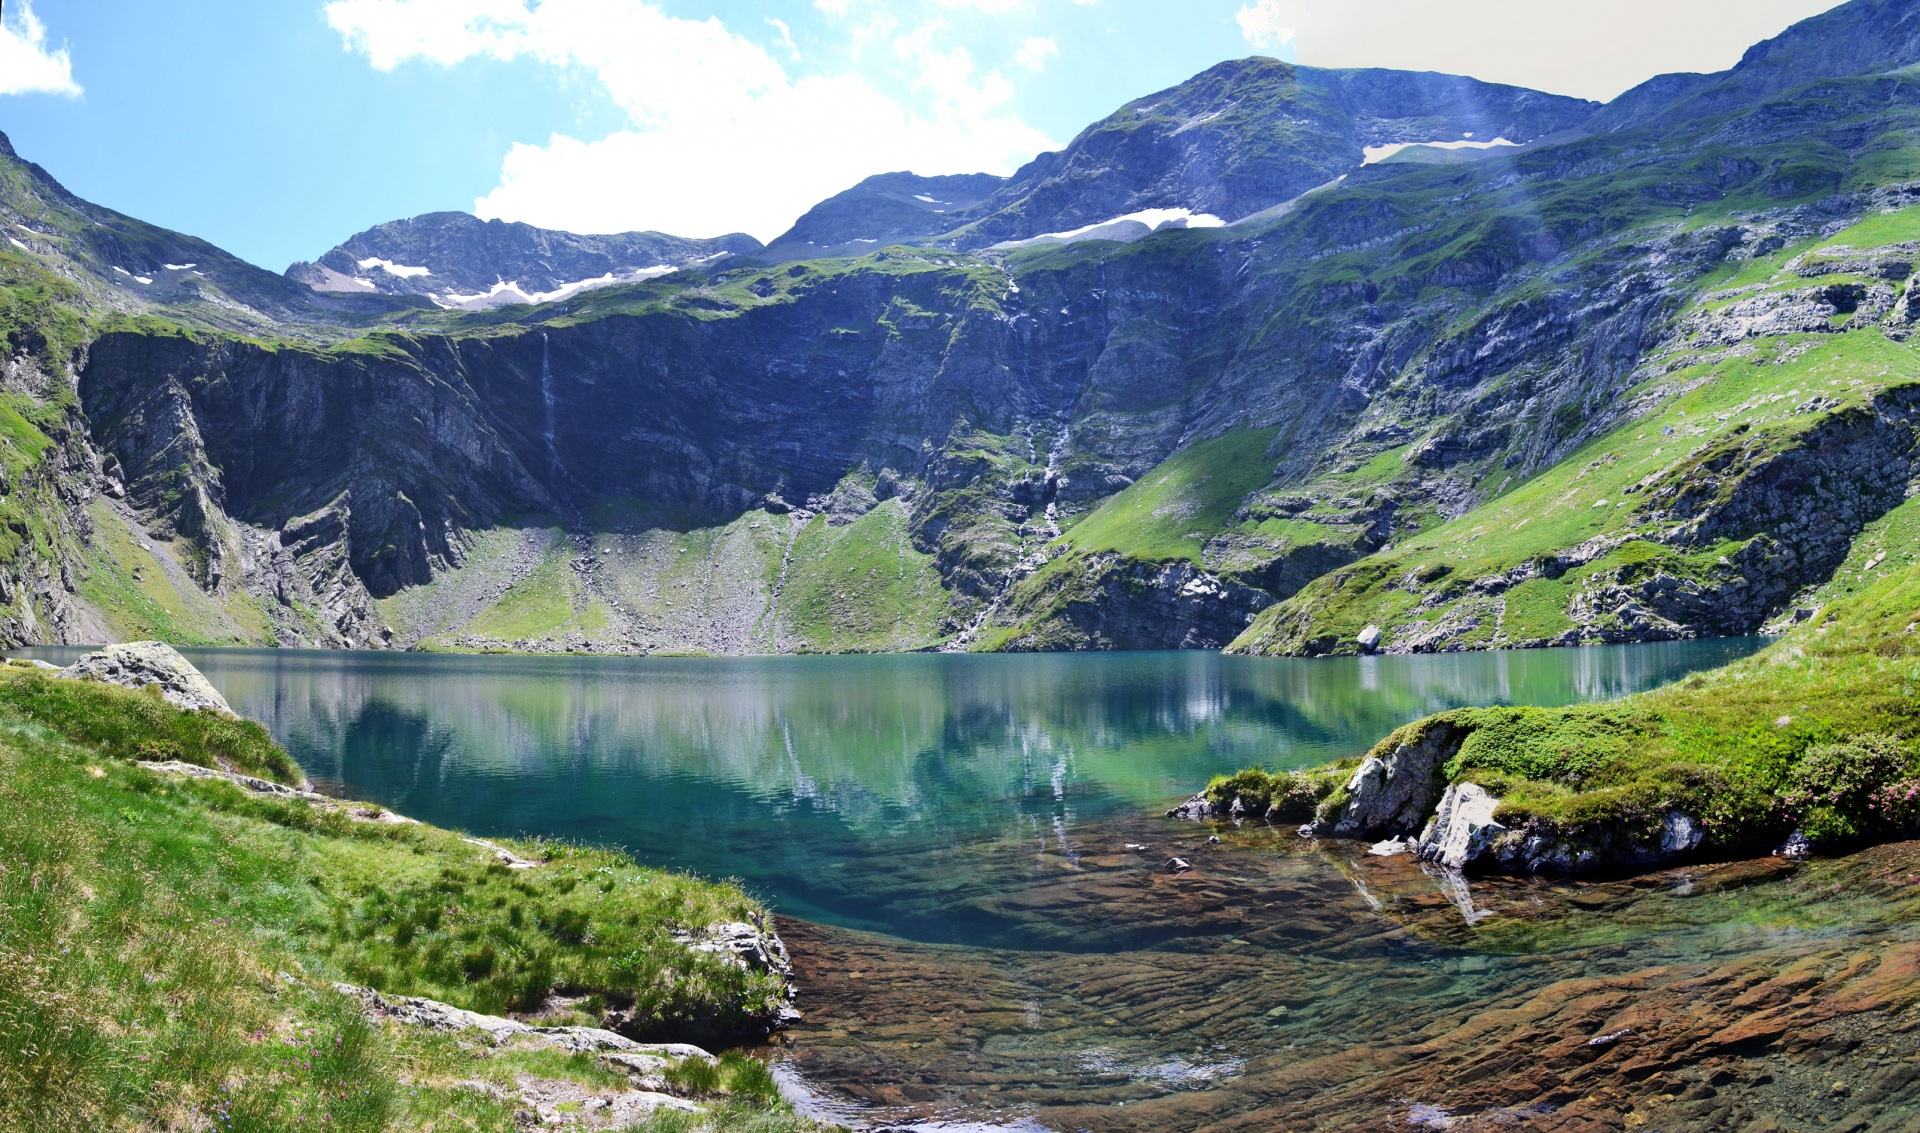 Картинка Альпы Италия Val Gardena Горы Природа Озеро Мох 1920x1133